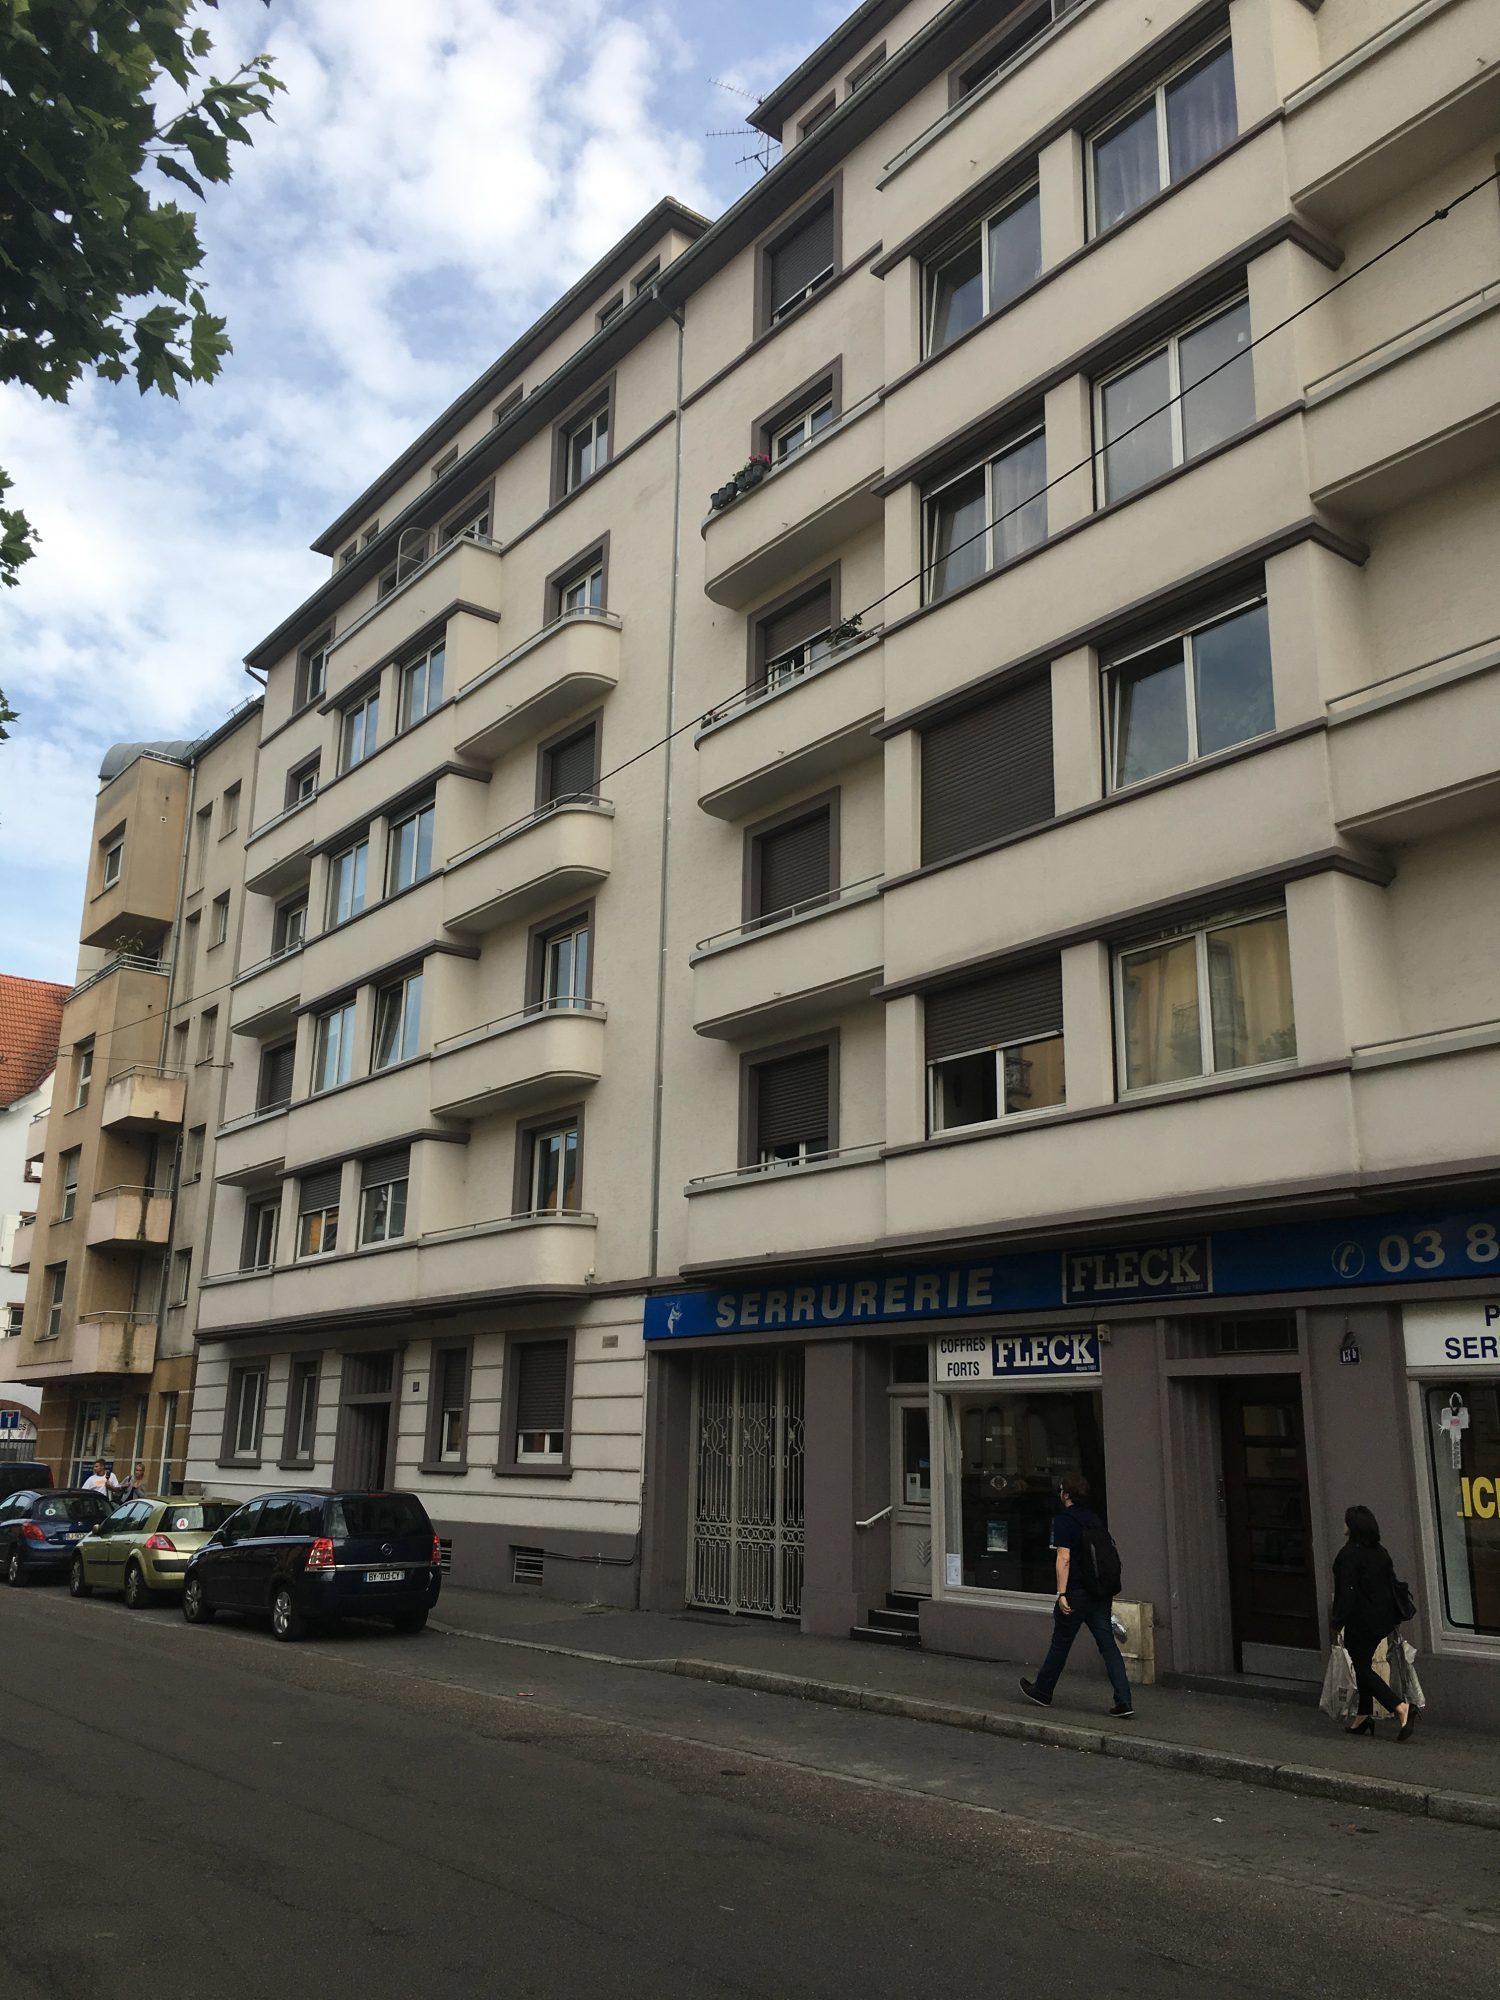 Appartement à louer Strasbourg - Devenez locataire en toute sérénité - Bintz Immobilier - 7